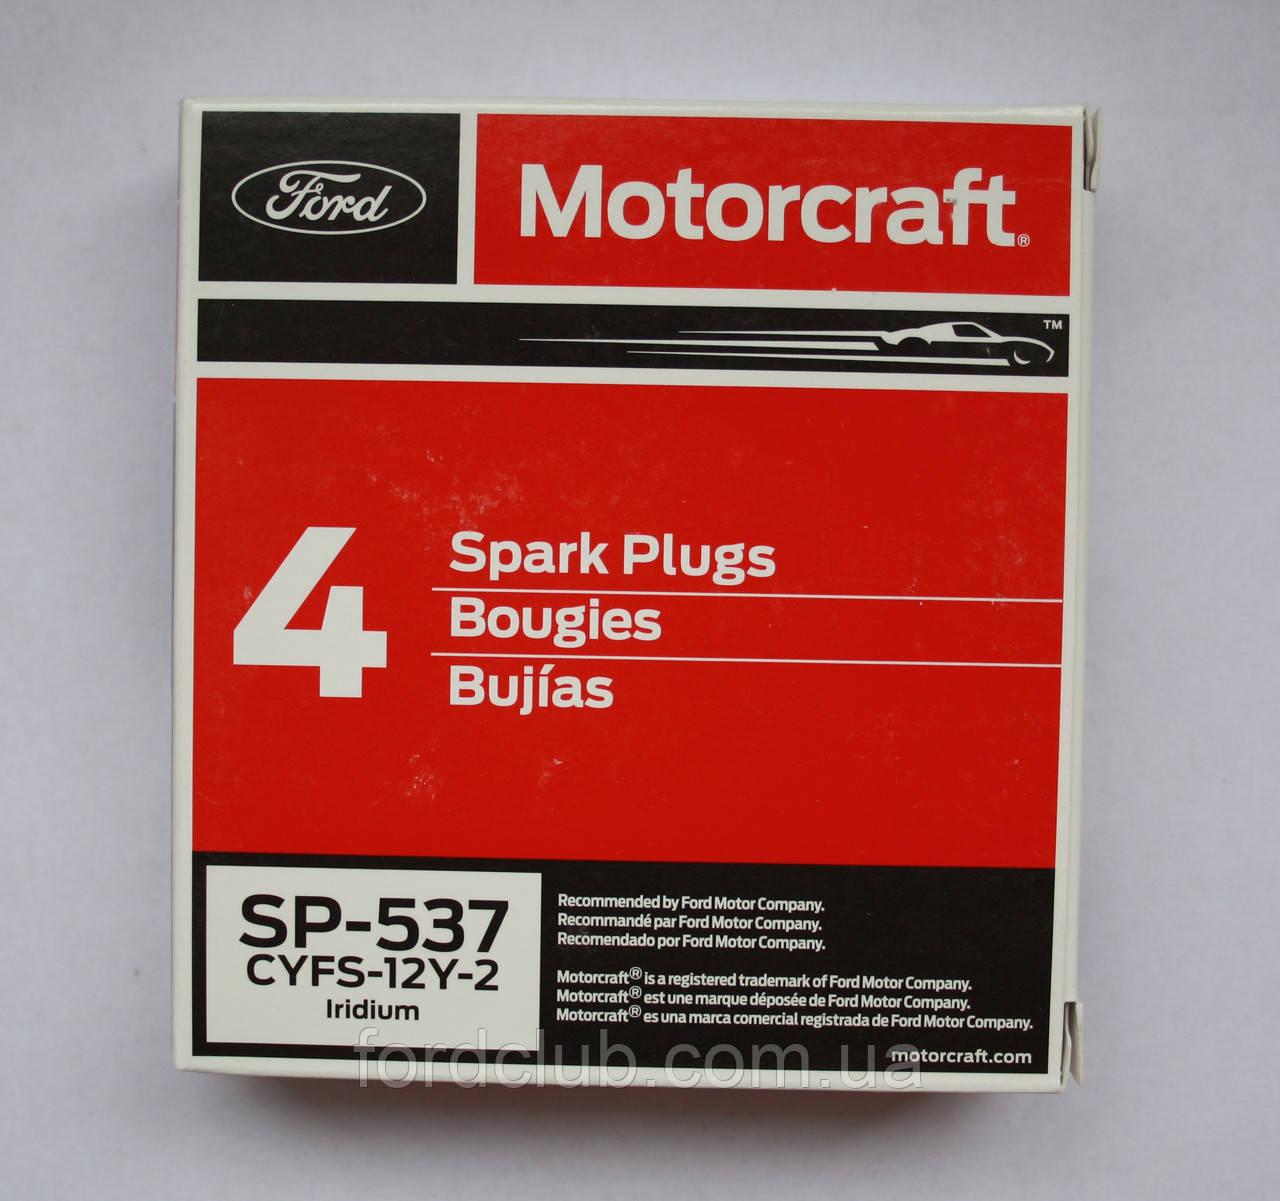 Свечи Ford Fusion USA 2.0 экобуст; Motorcraft SP-537